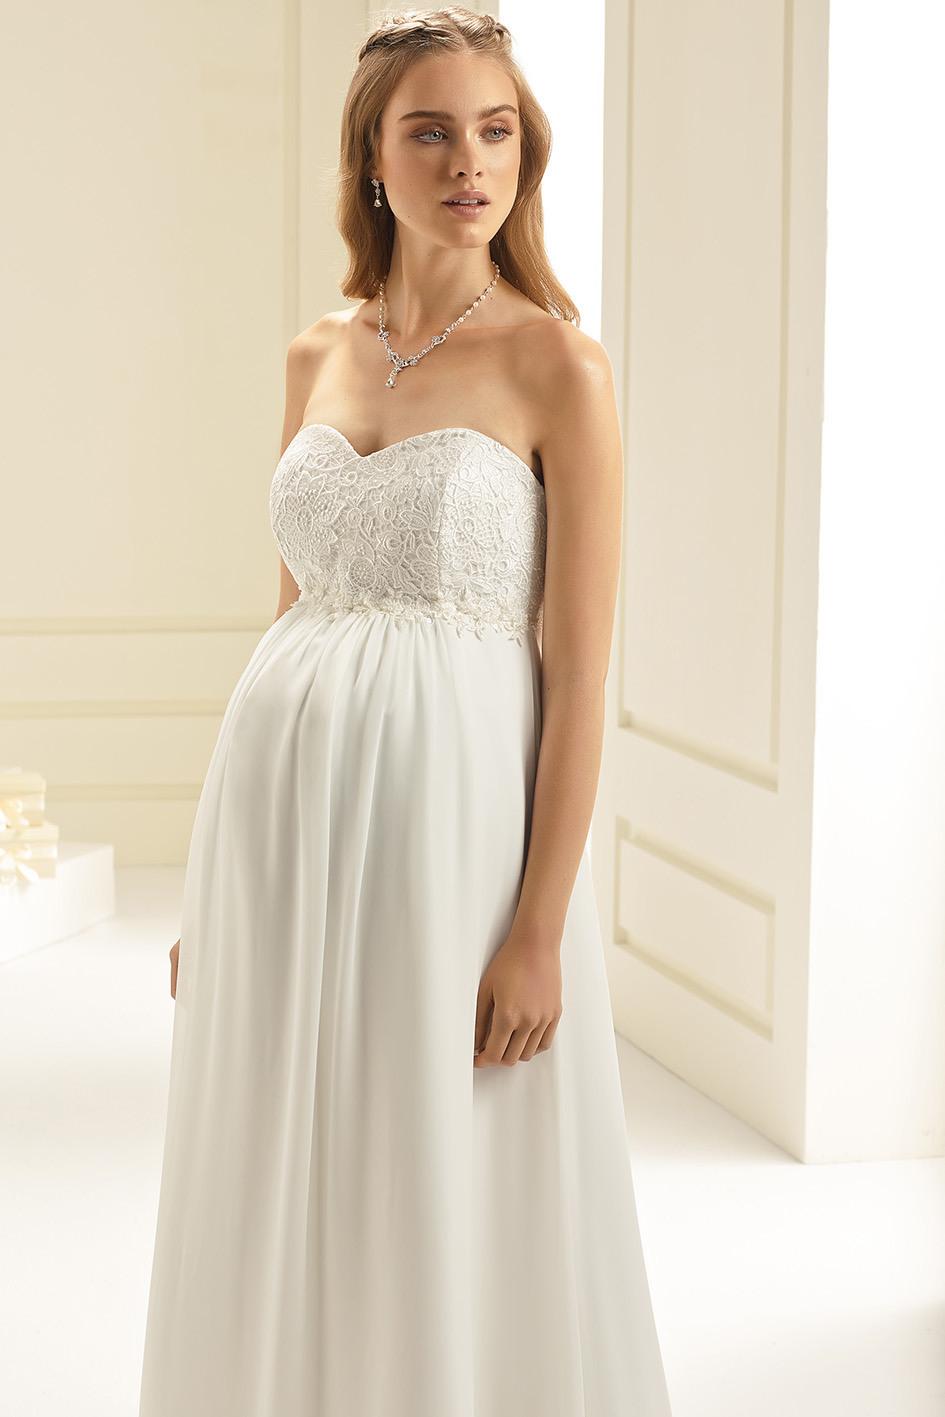 Cool Brautmode Für Schwangere Galerie10 Perfekt Brautmode Für Schwangere Galerie